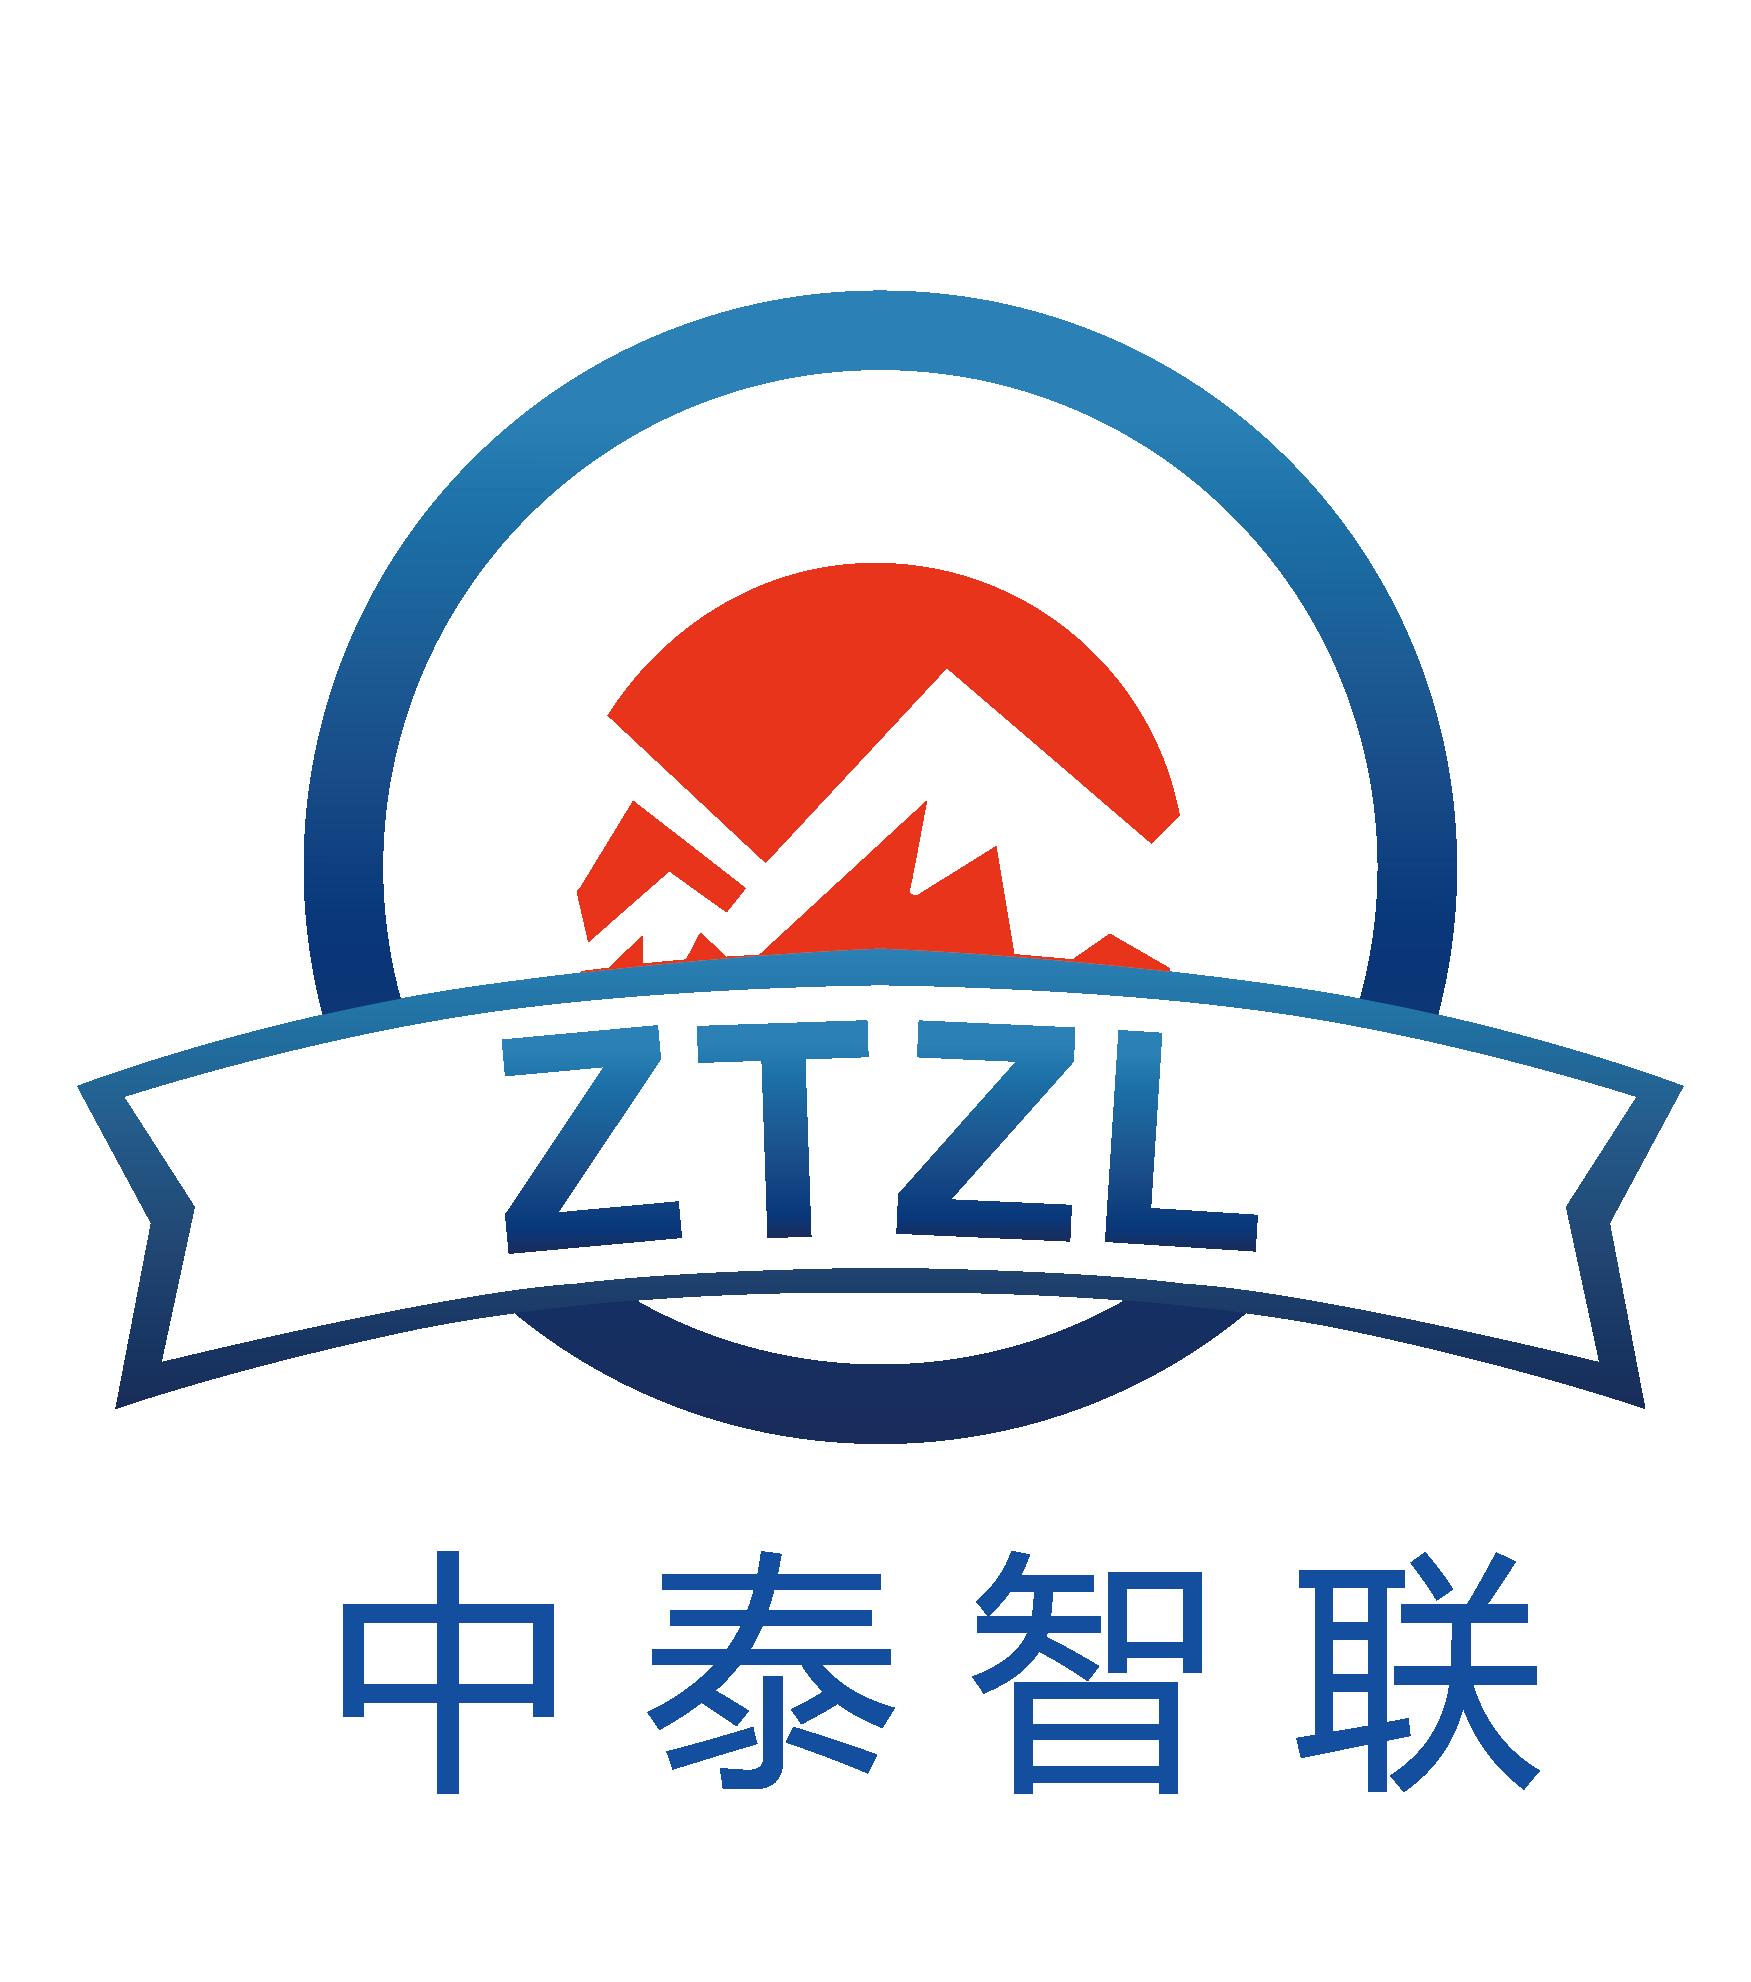 中泰智聯(北京)認證中心有限公司長春分公司